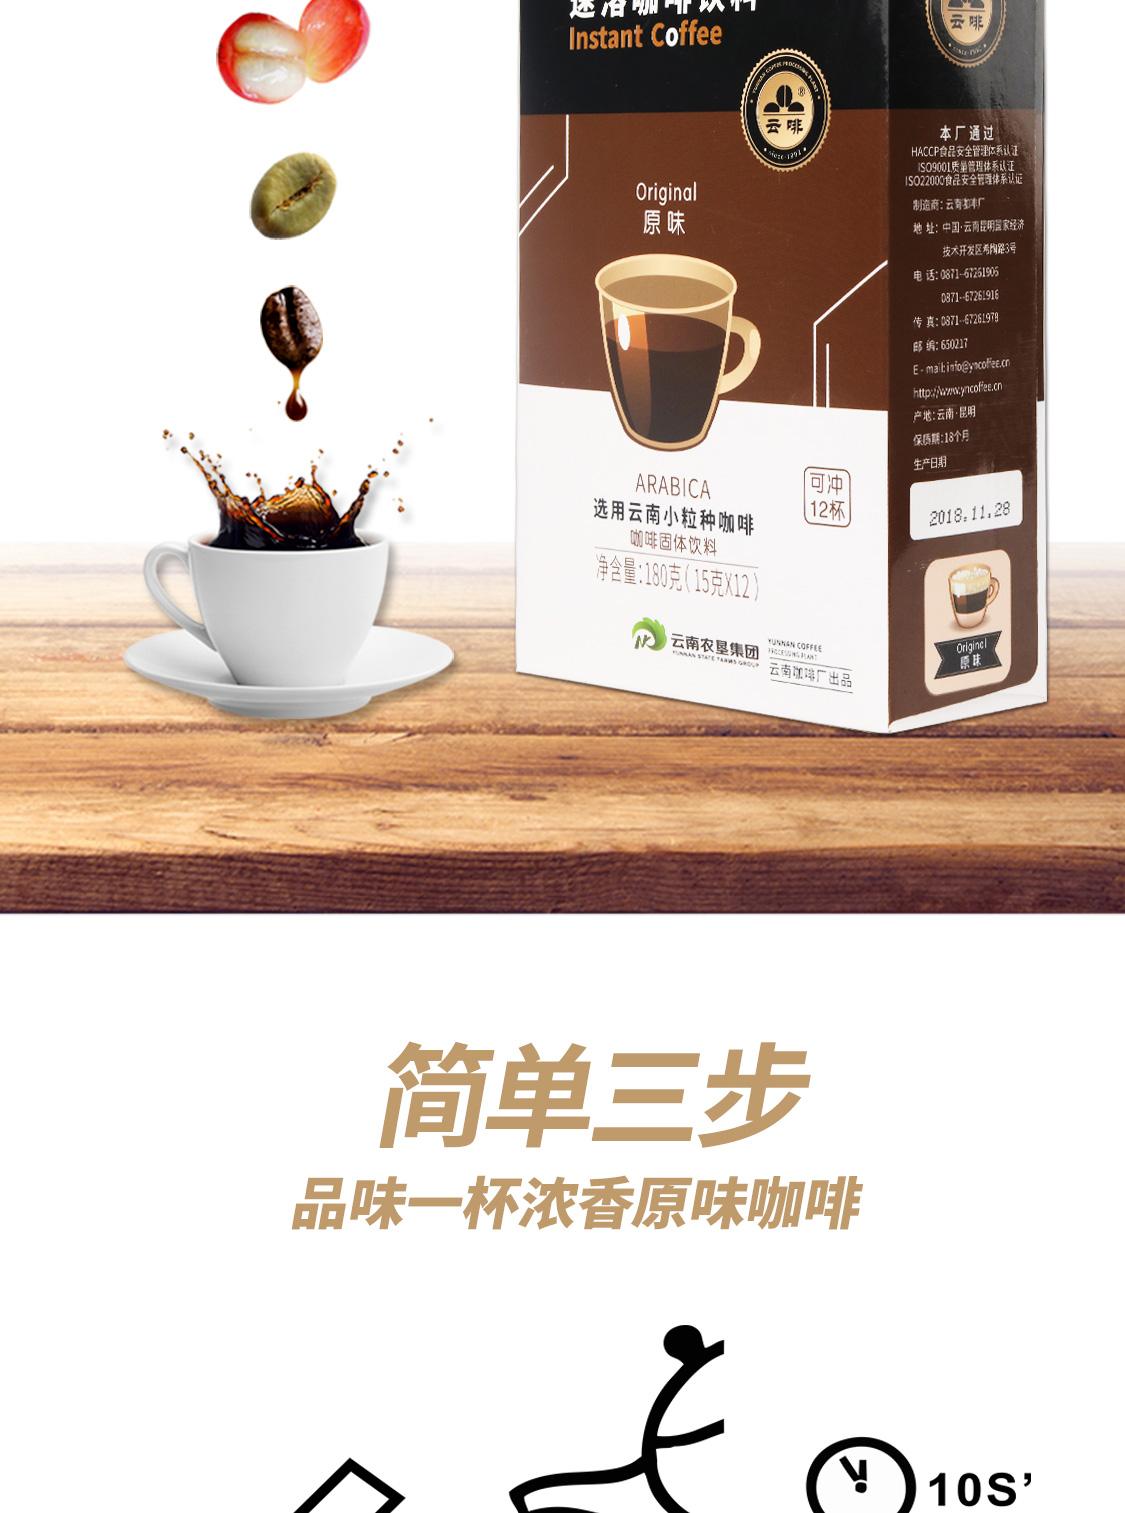 原味速溶咖啡小盒装_12.jpg